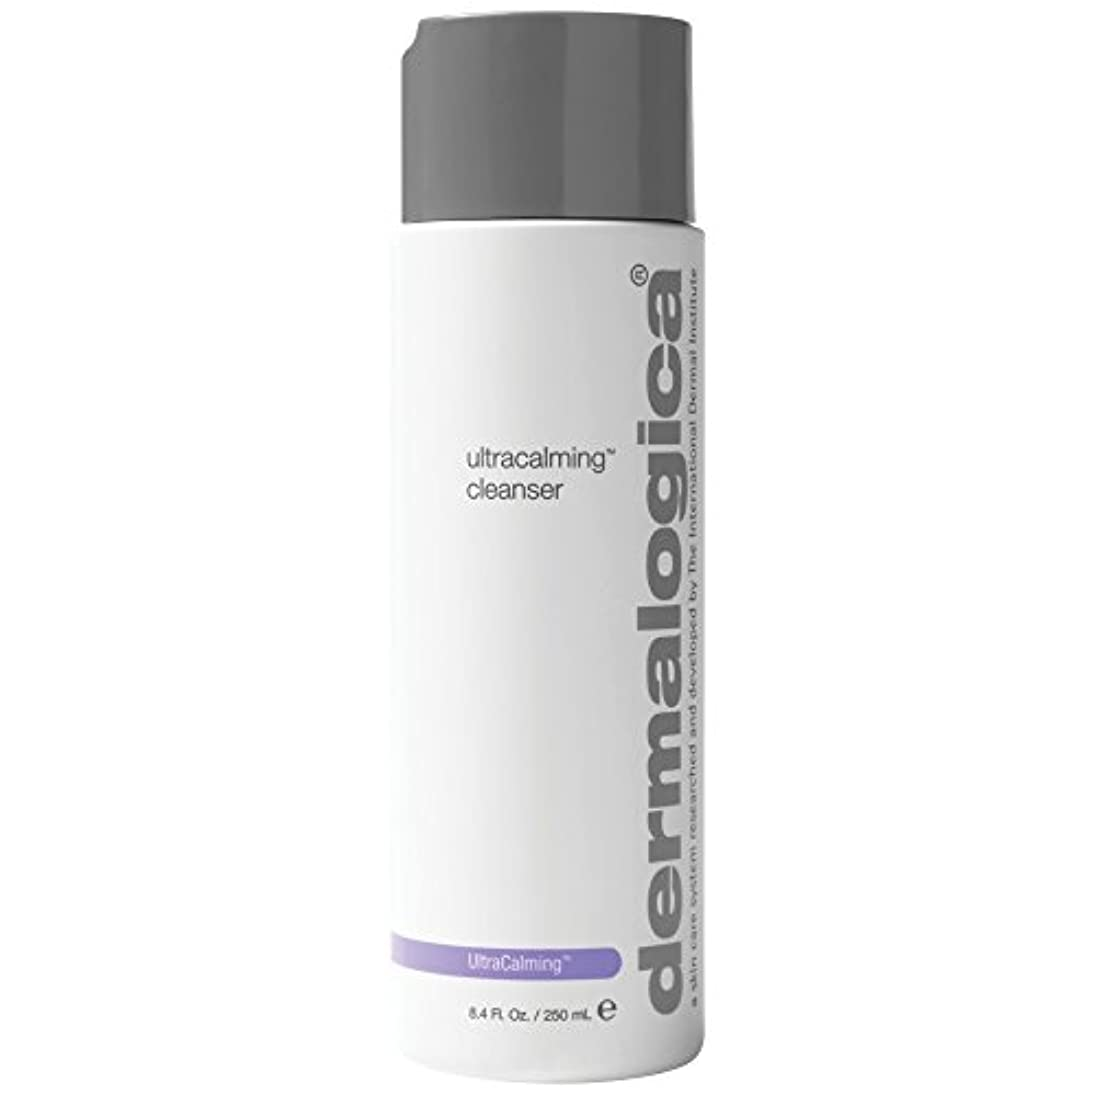 子期待して事業内容ダーマロジカUltracalming?クレンザーの250ミリリットル (Dermalogica) (x6) - Dermalogica UltraCalming? Cleanser 250ml (Pack of 6) [...